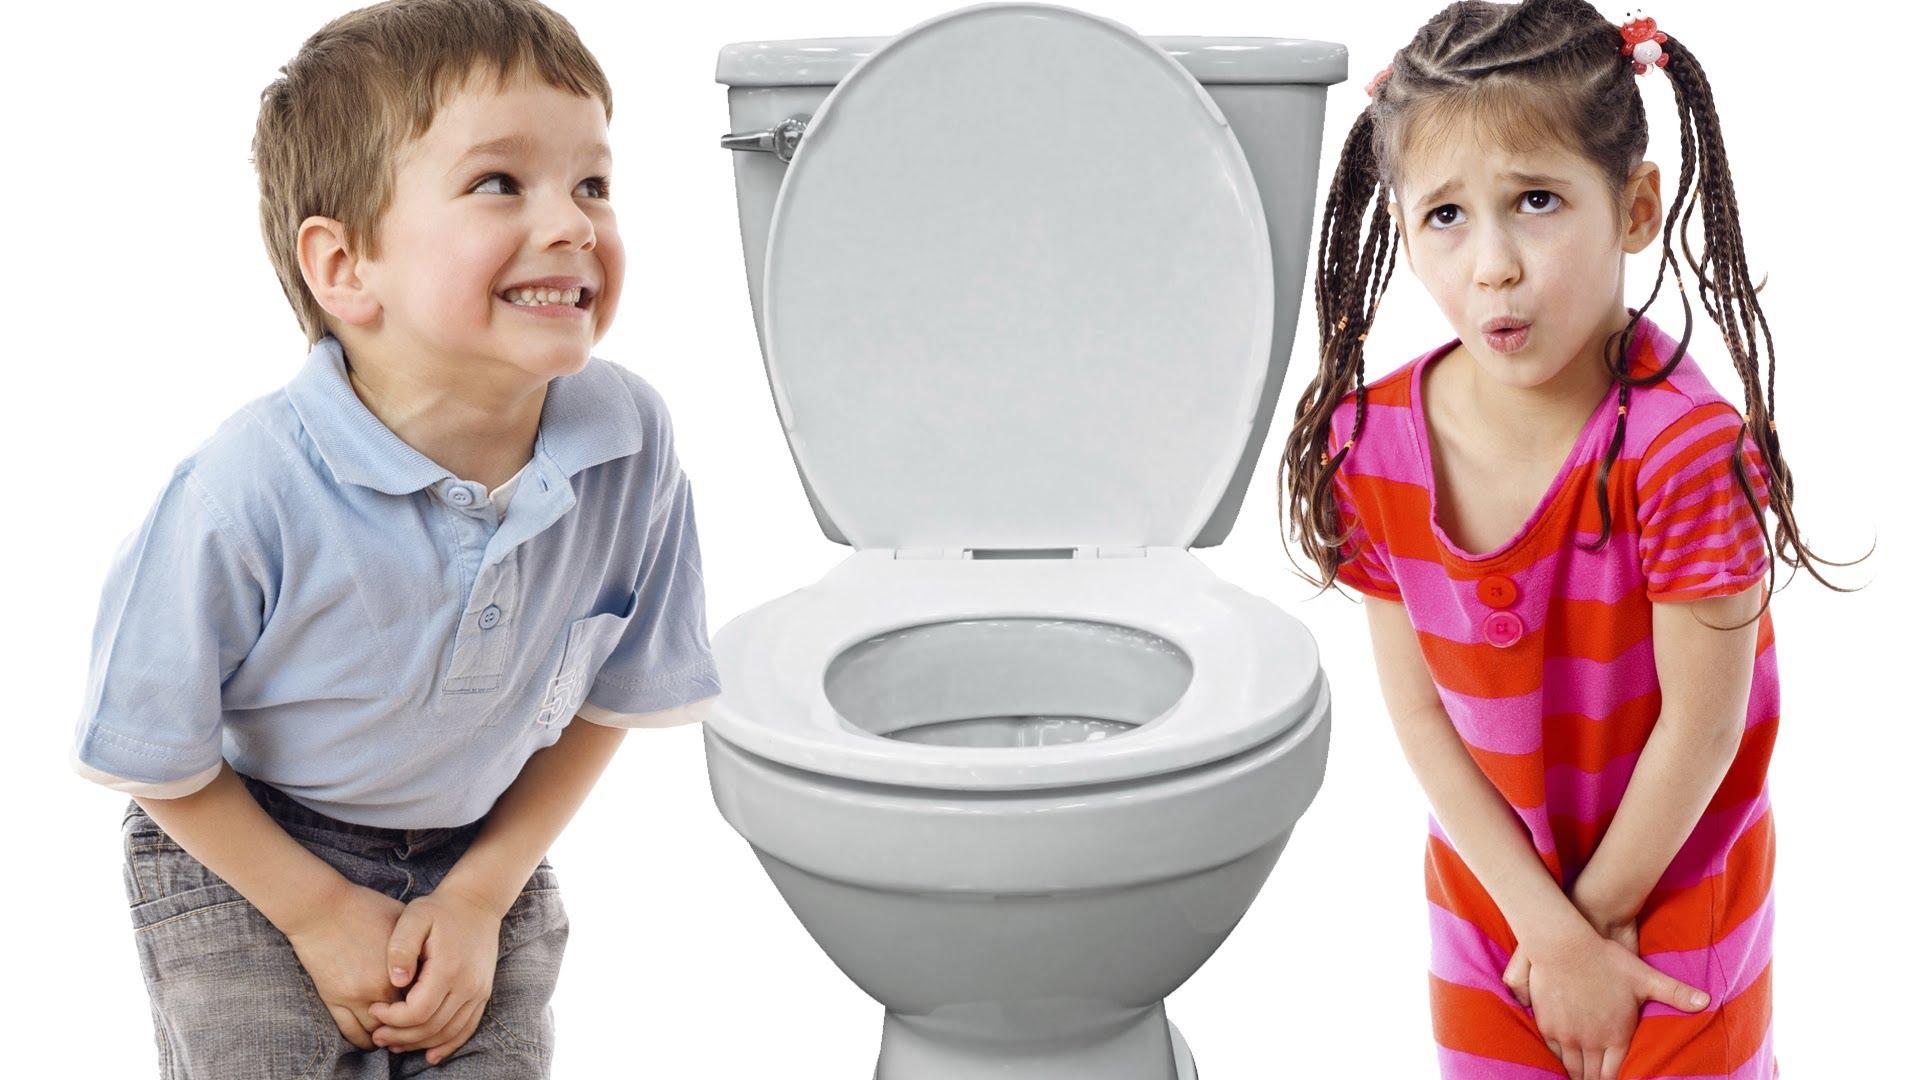 copii se abtin de la toaleta